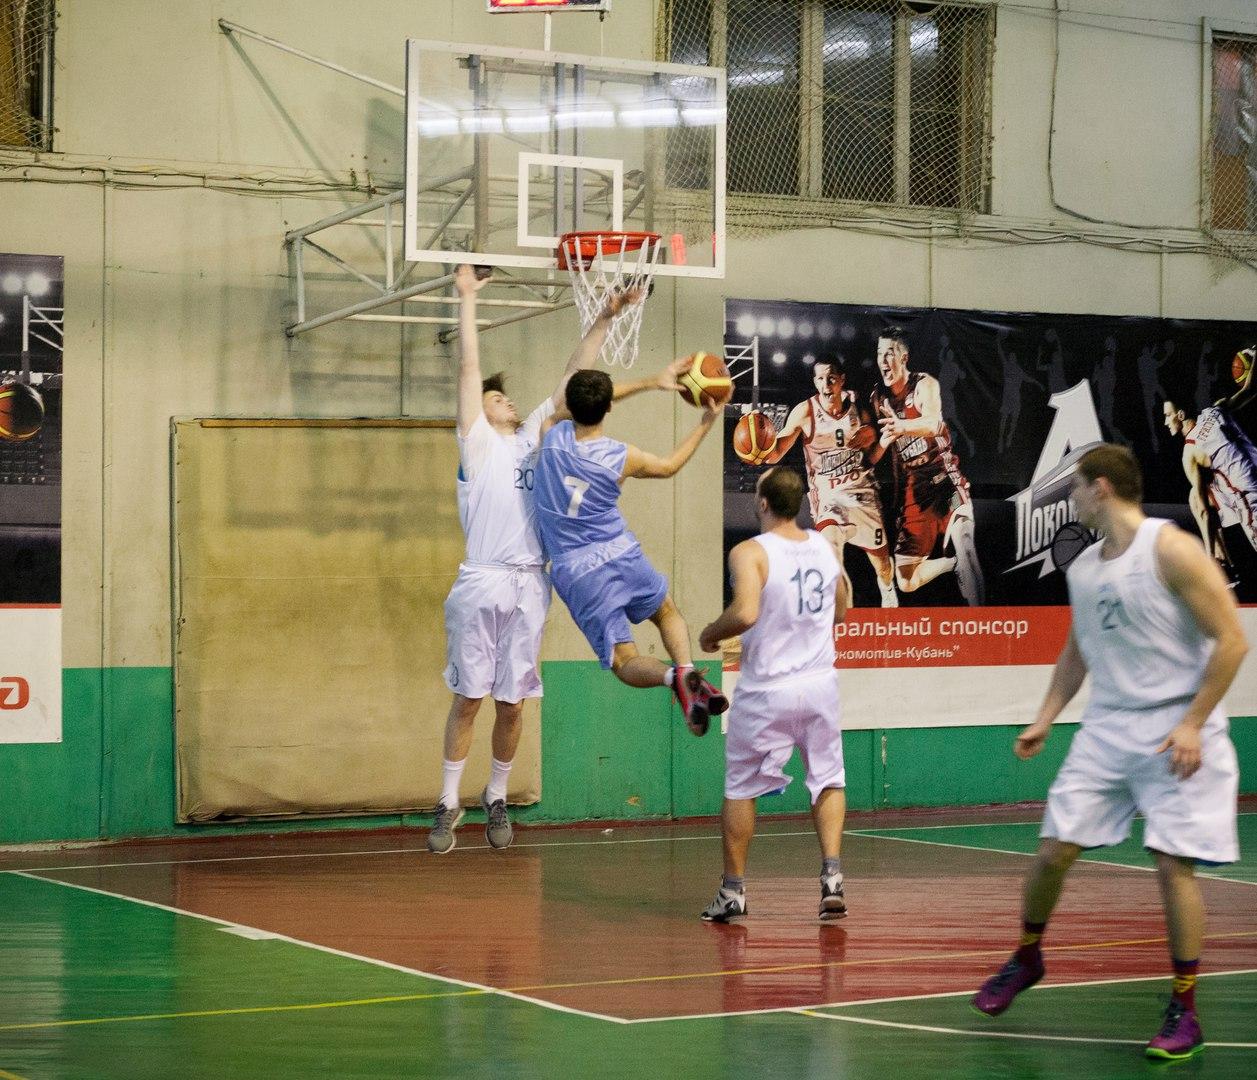 Лига КАУБ 5х5 по баскетболу в Краснодаре